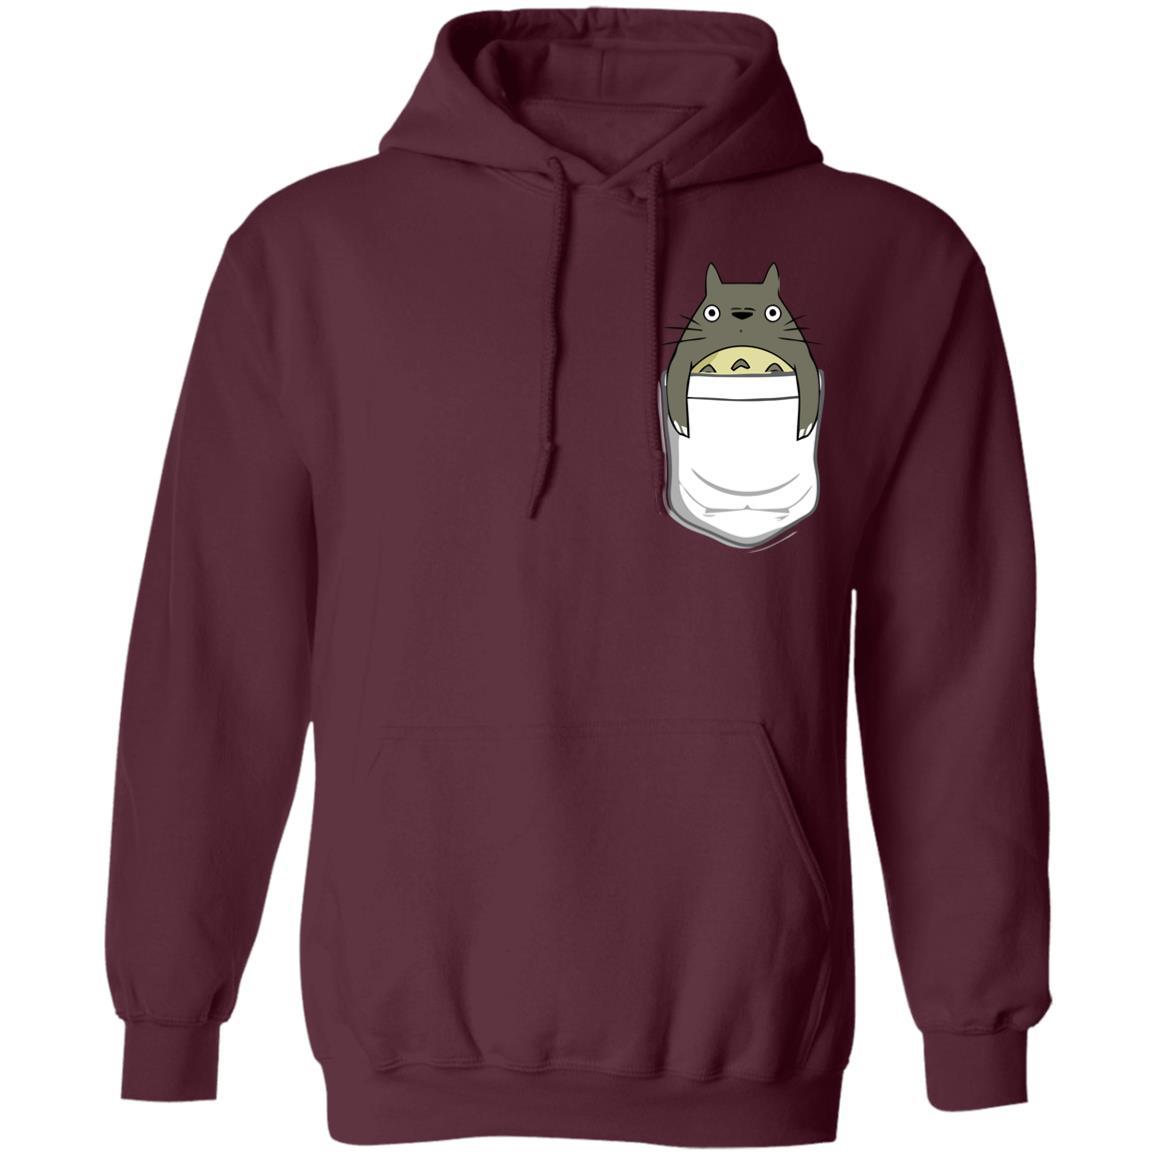 Totoro in Pocket Hoodie